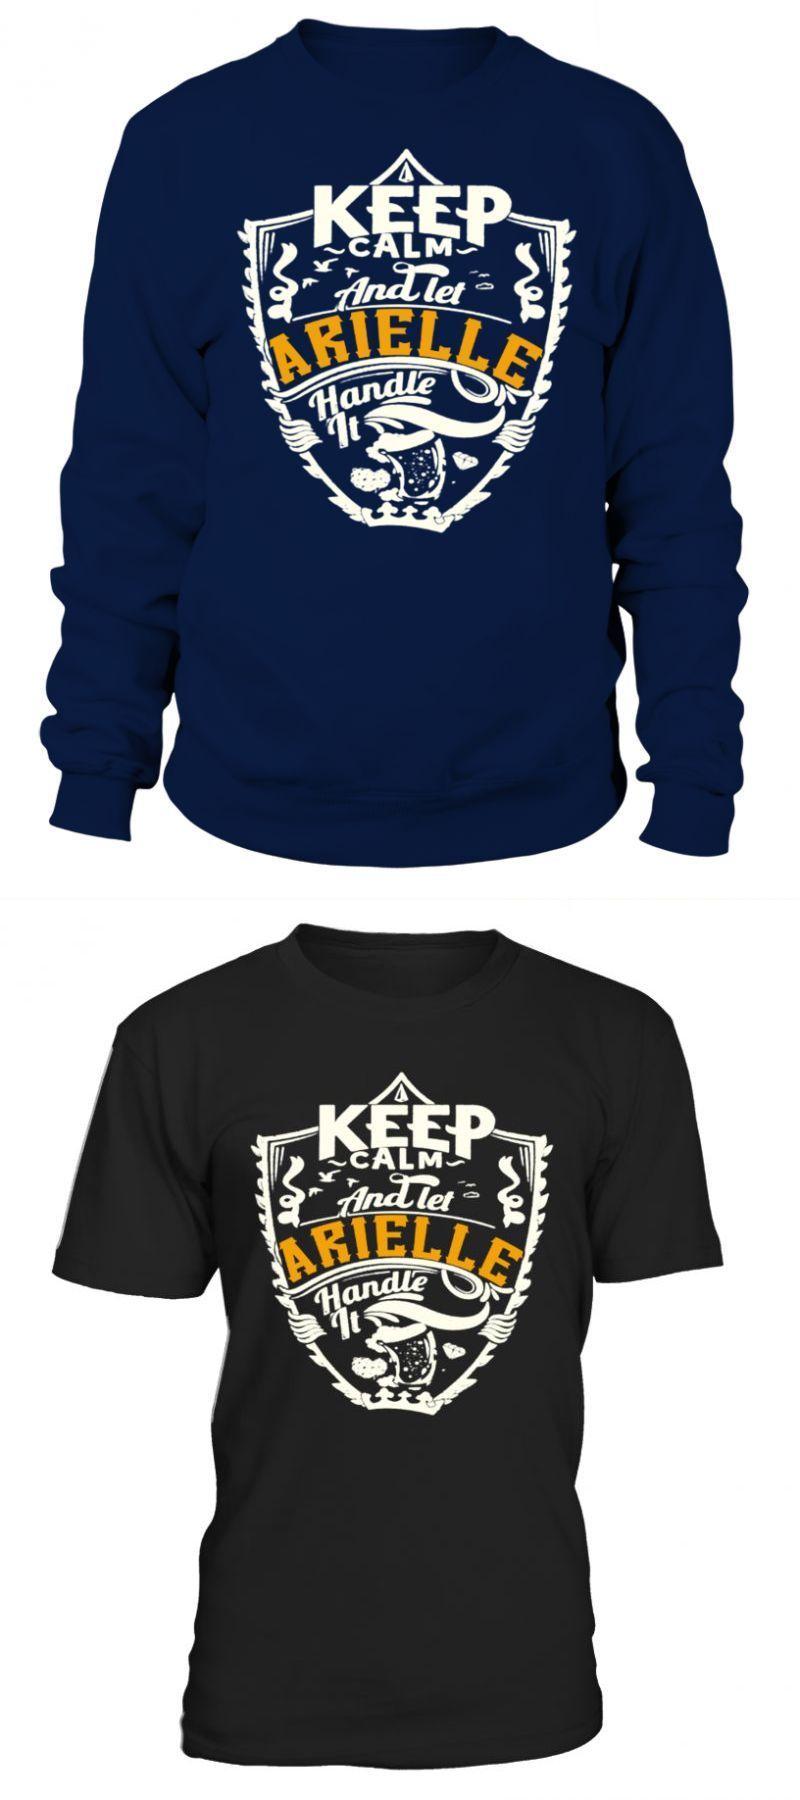 Women 039 S Volleyball T Shirt Arielle Volleyball T Shirt Design Templates Women 03 Basketball T Shirt Designs Volleyball T Shirt Designs Badminton T Shirts